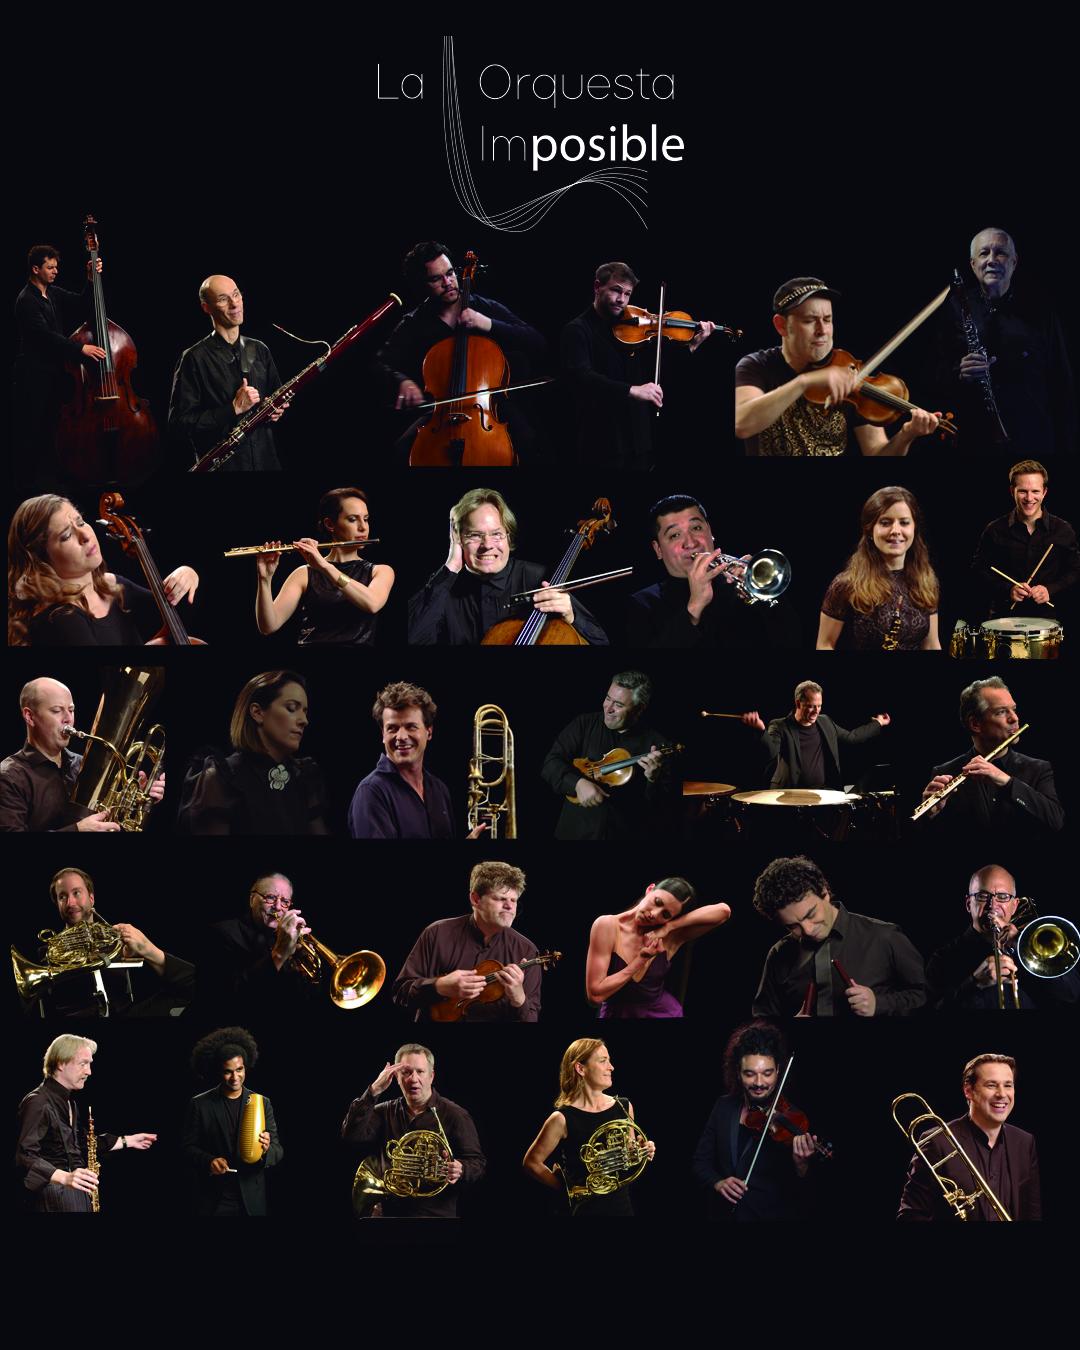 La orquesta imposible alondra de la parra